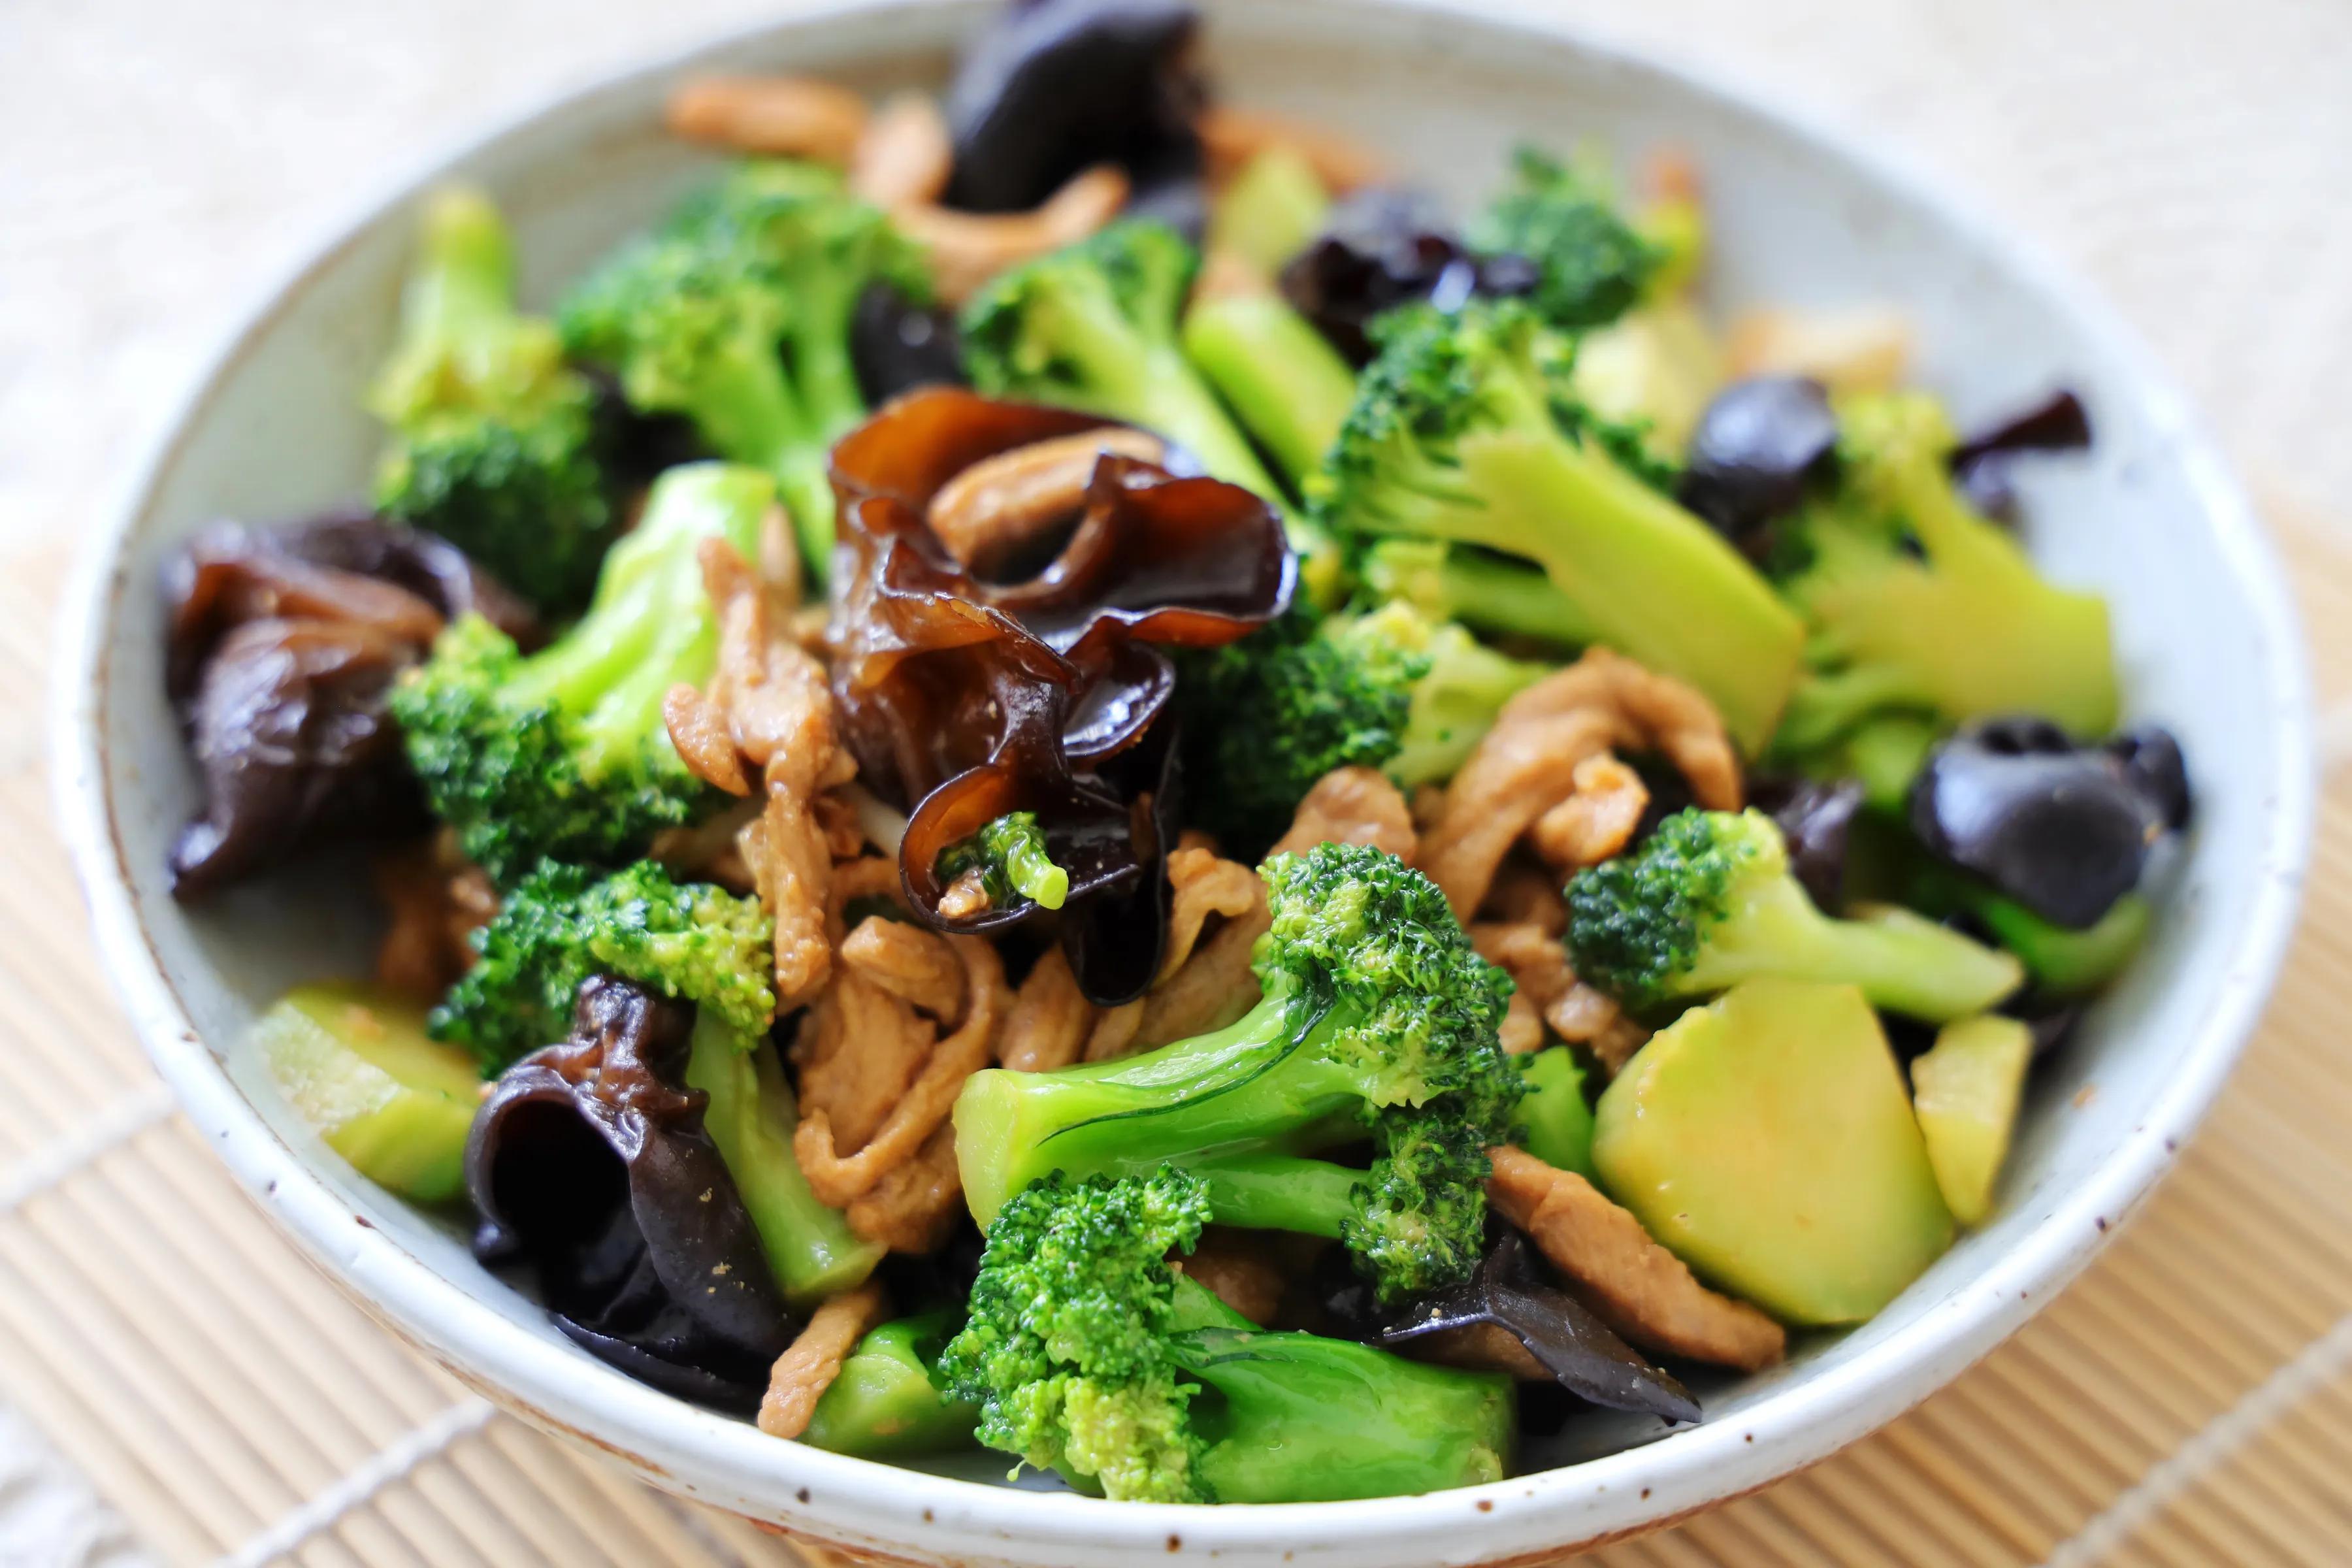 我家常吃的几道小炒菜,营养丰富,好吃下饭,一年四季可常吃